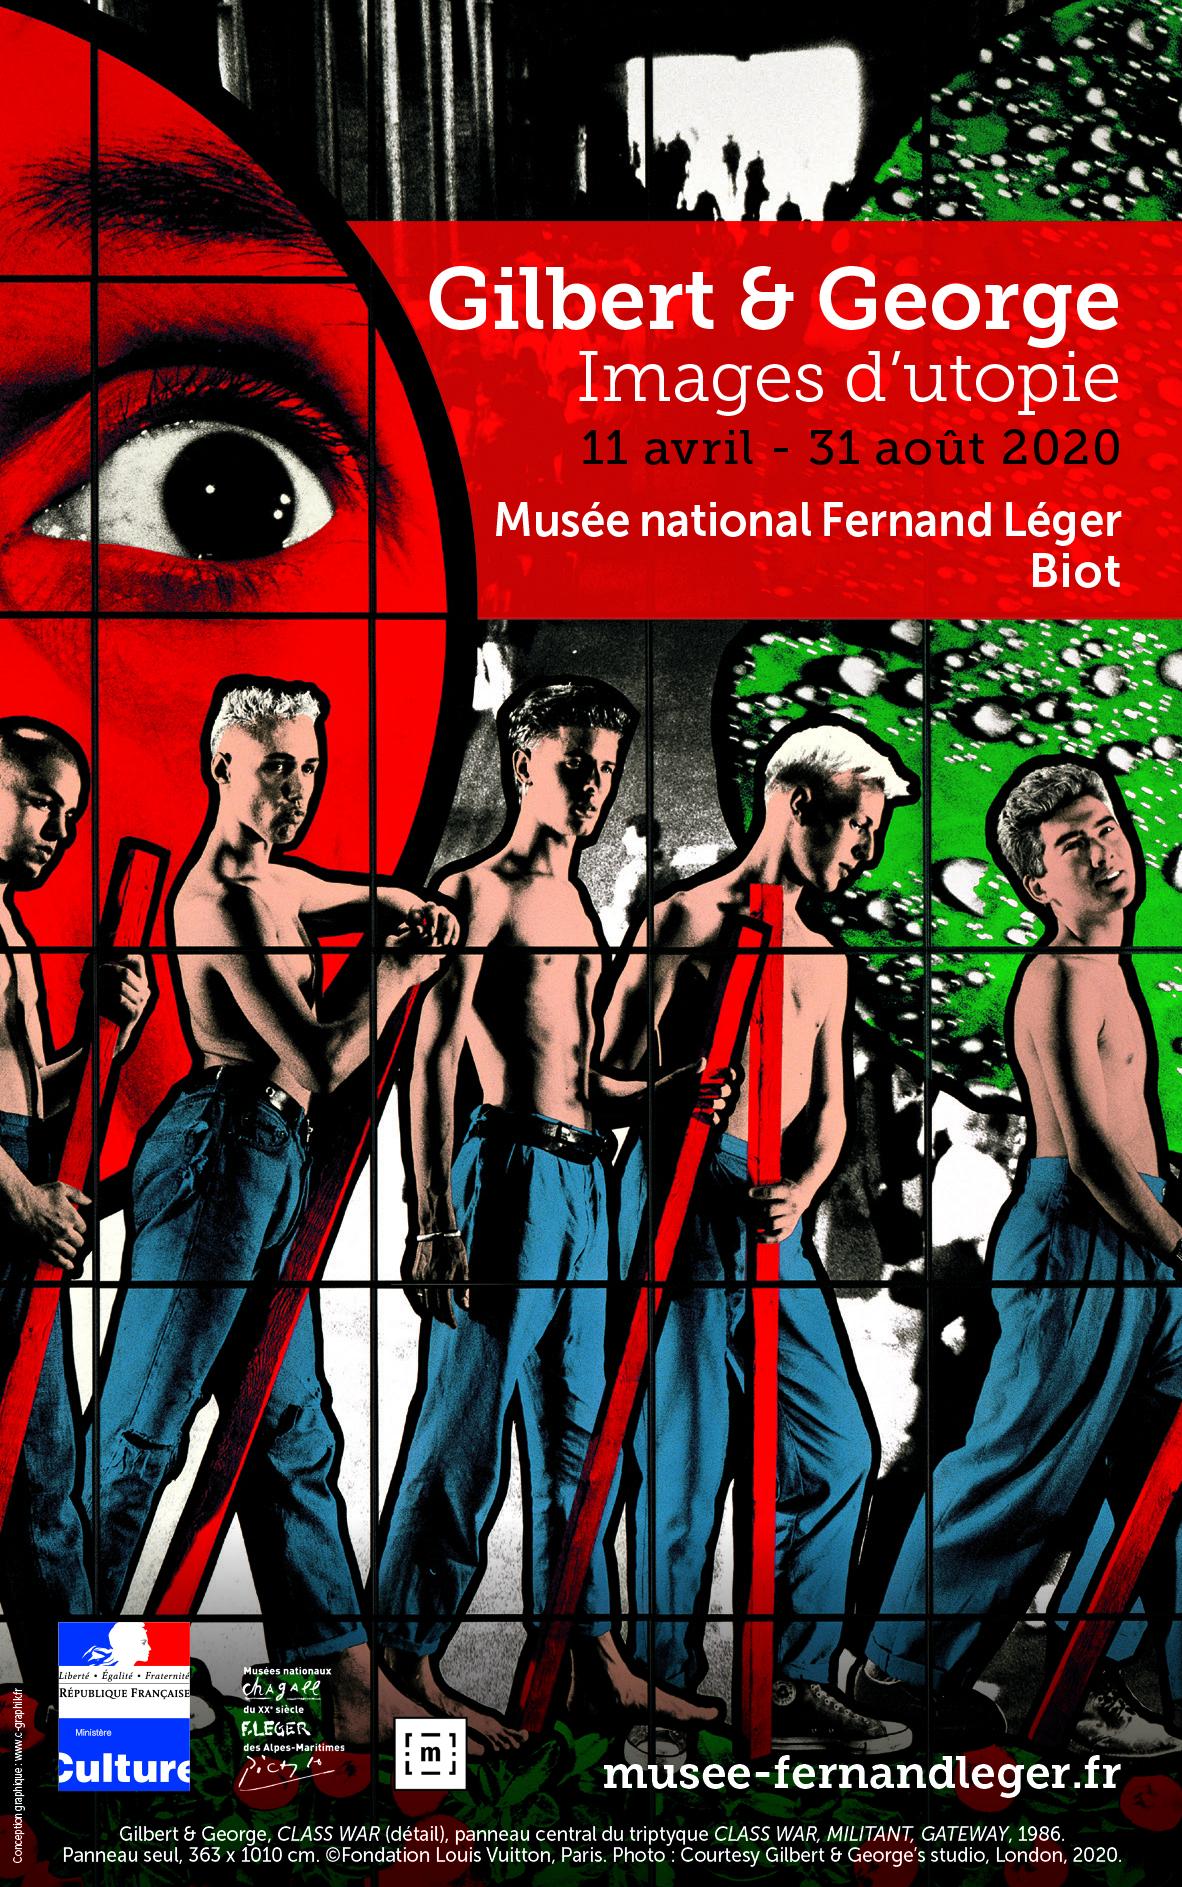 Gilbert & George, musée national Fernand Léger, Biot